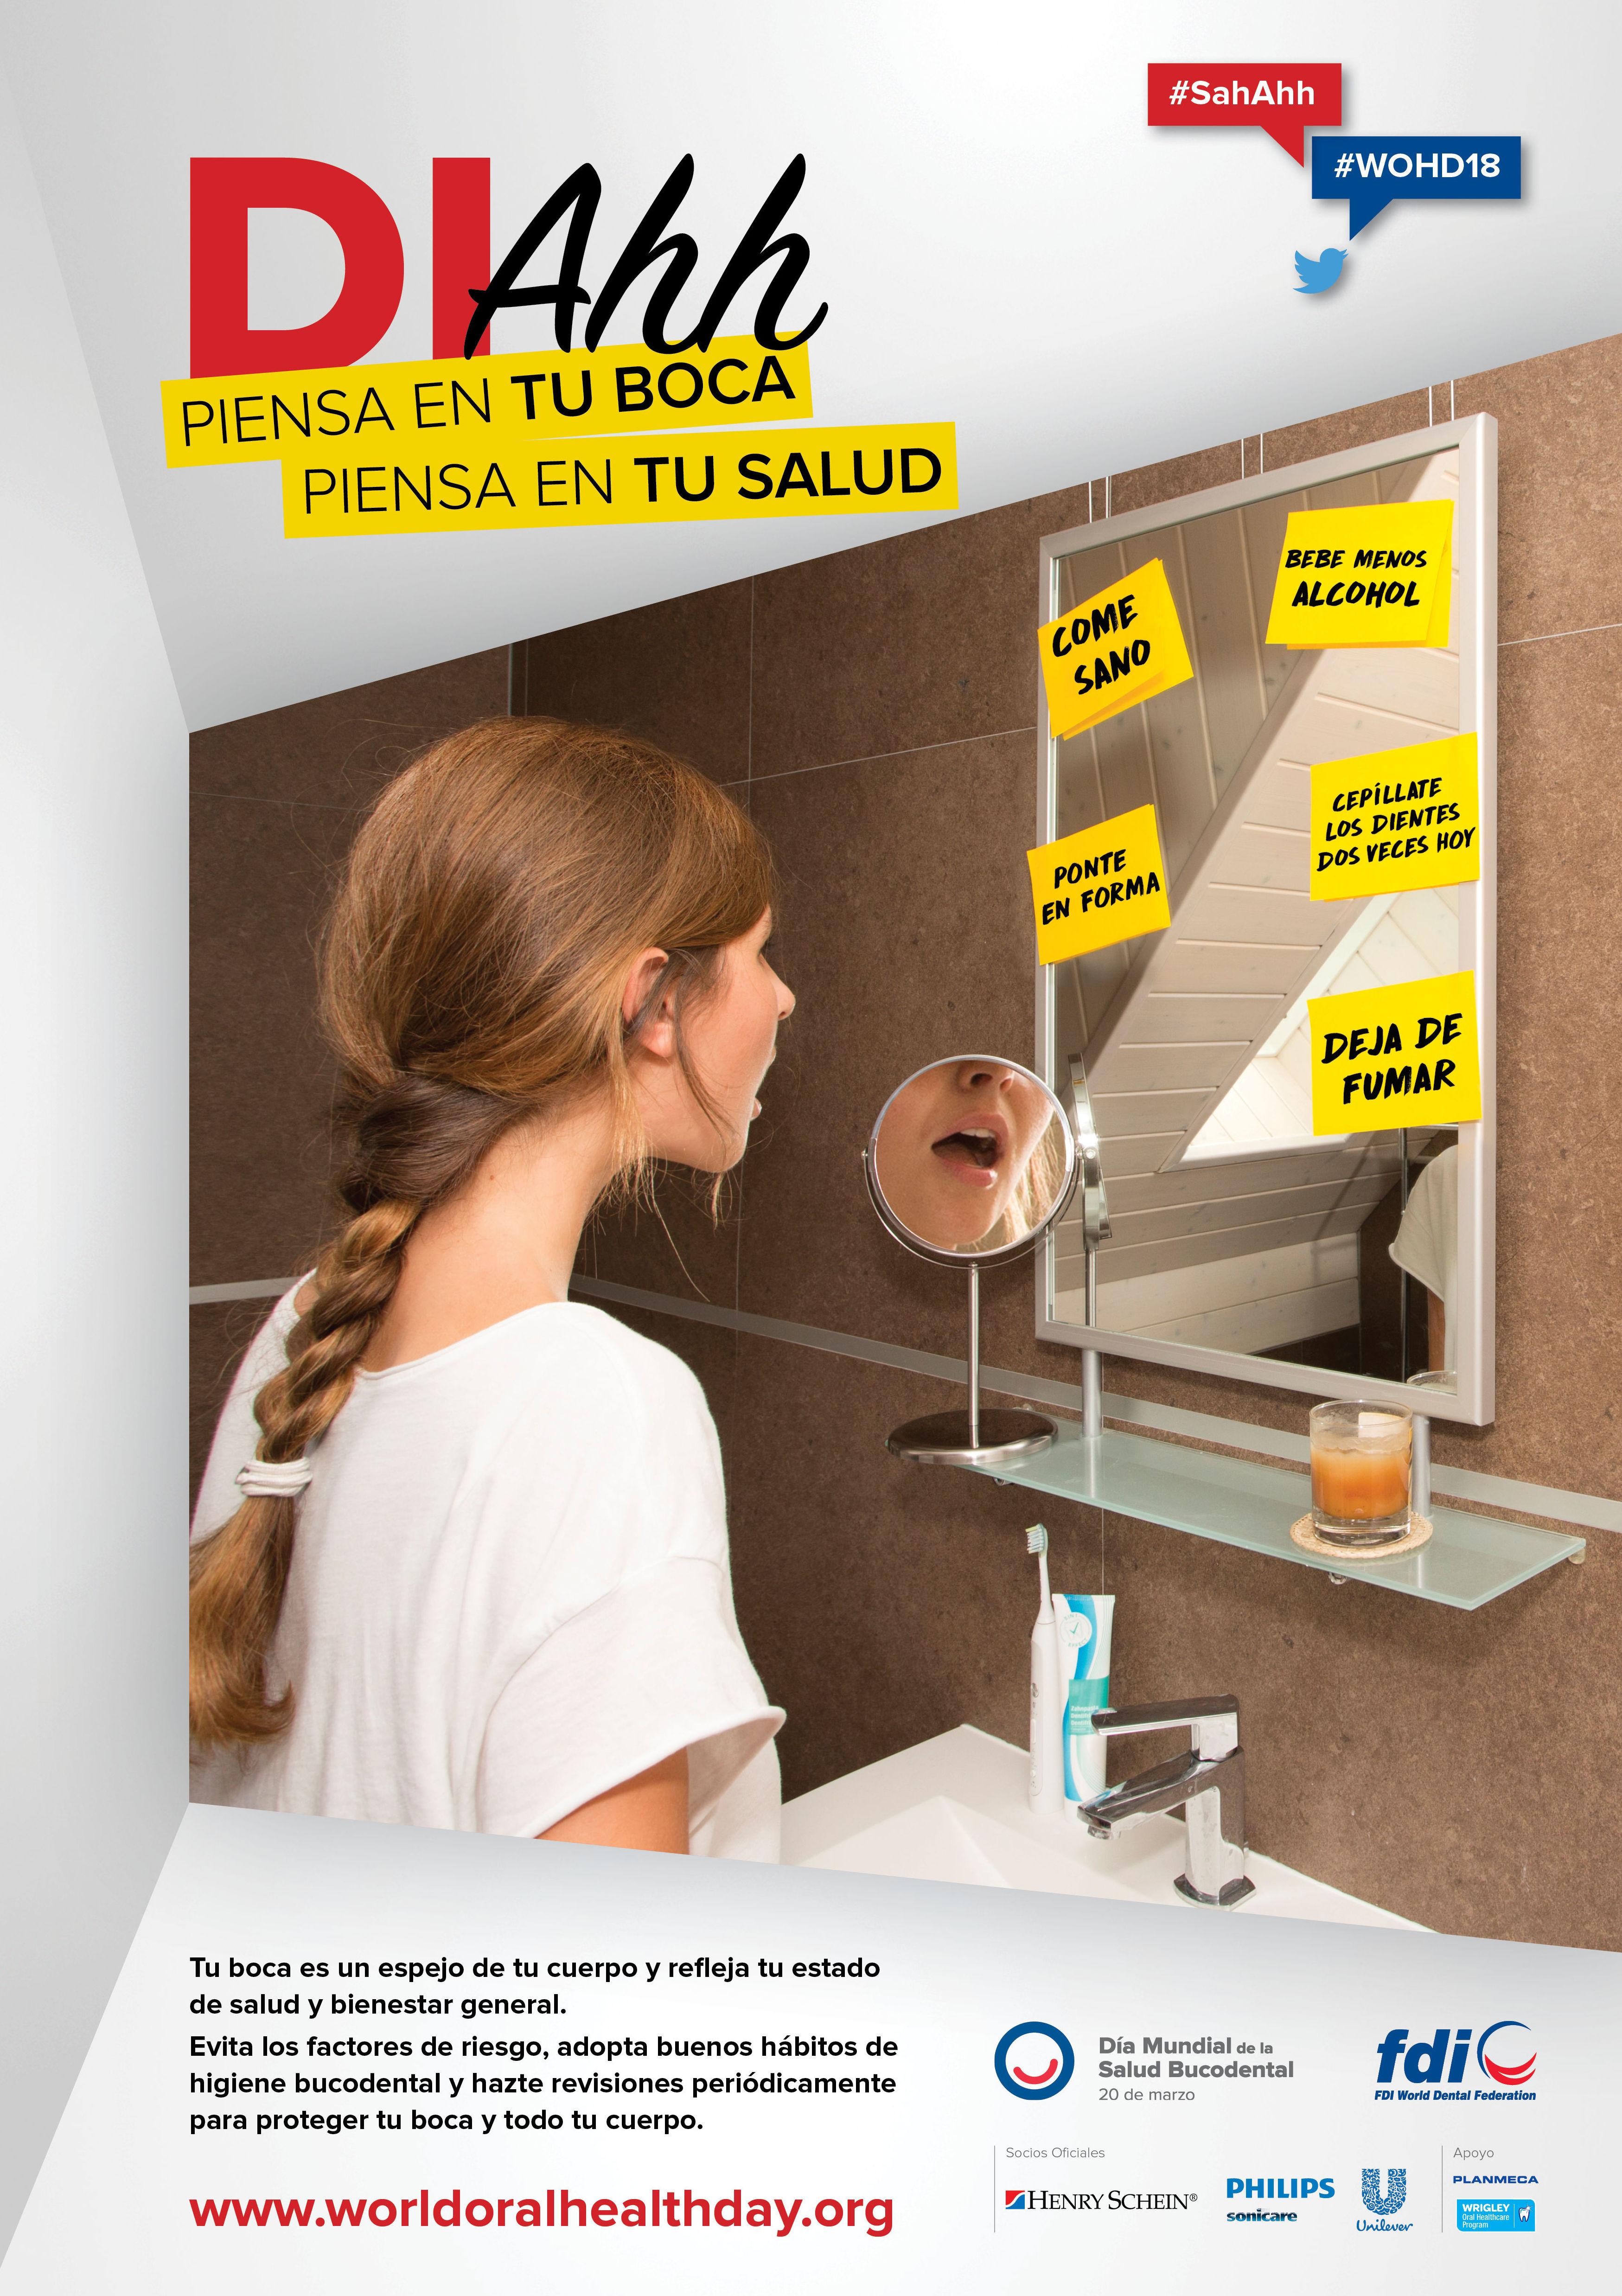 Dentista Cádiz Javier Pérez implantes piensa en tu boca piensa en tu salud